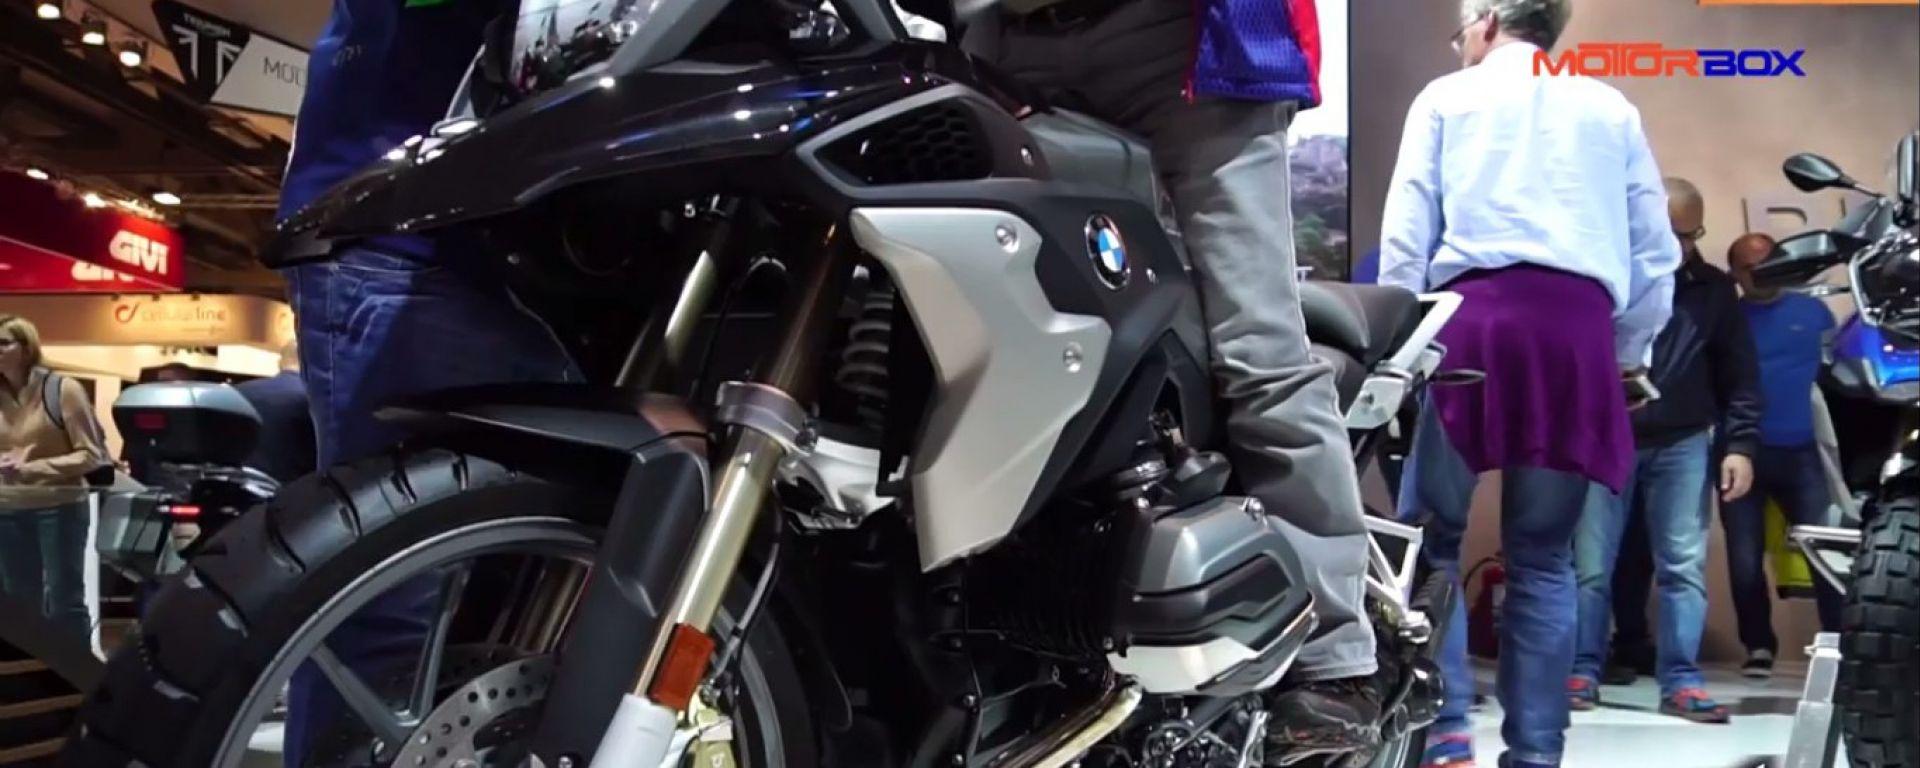 Eicma 2016: BMW R1200 GS